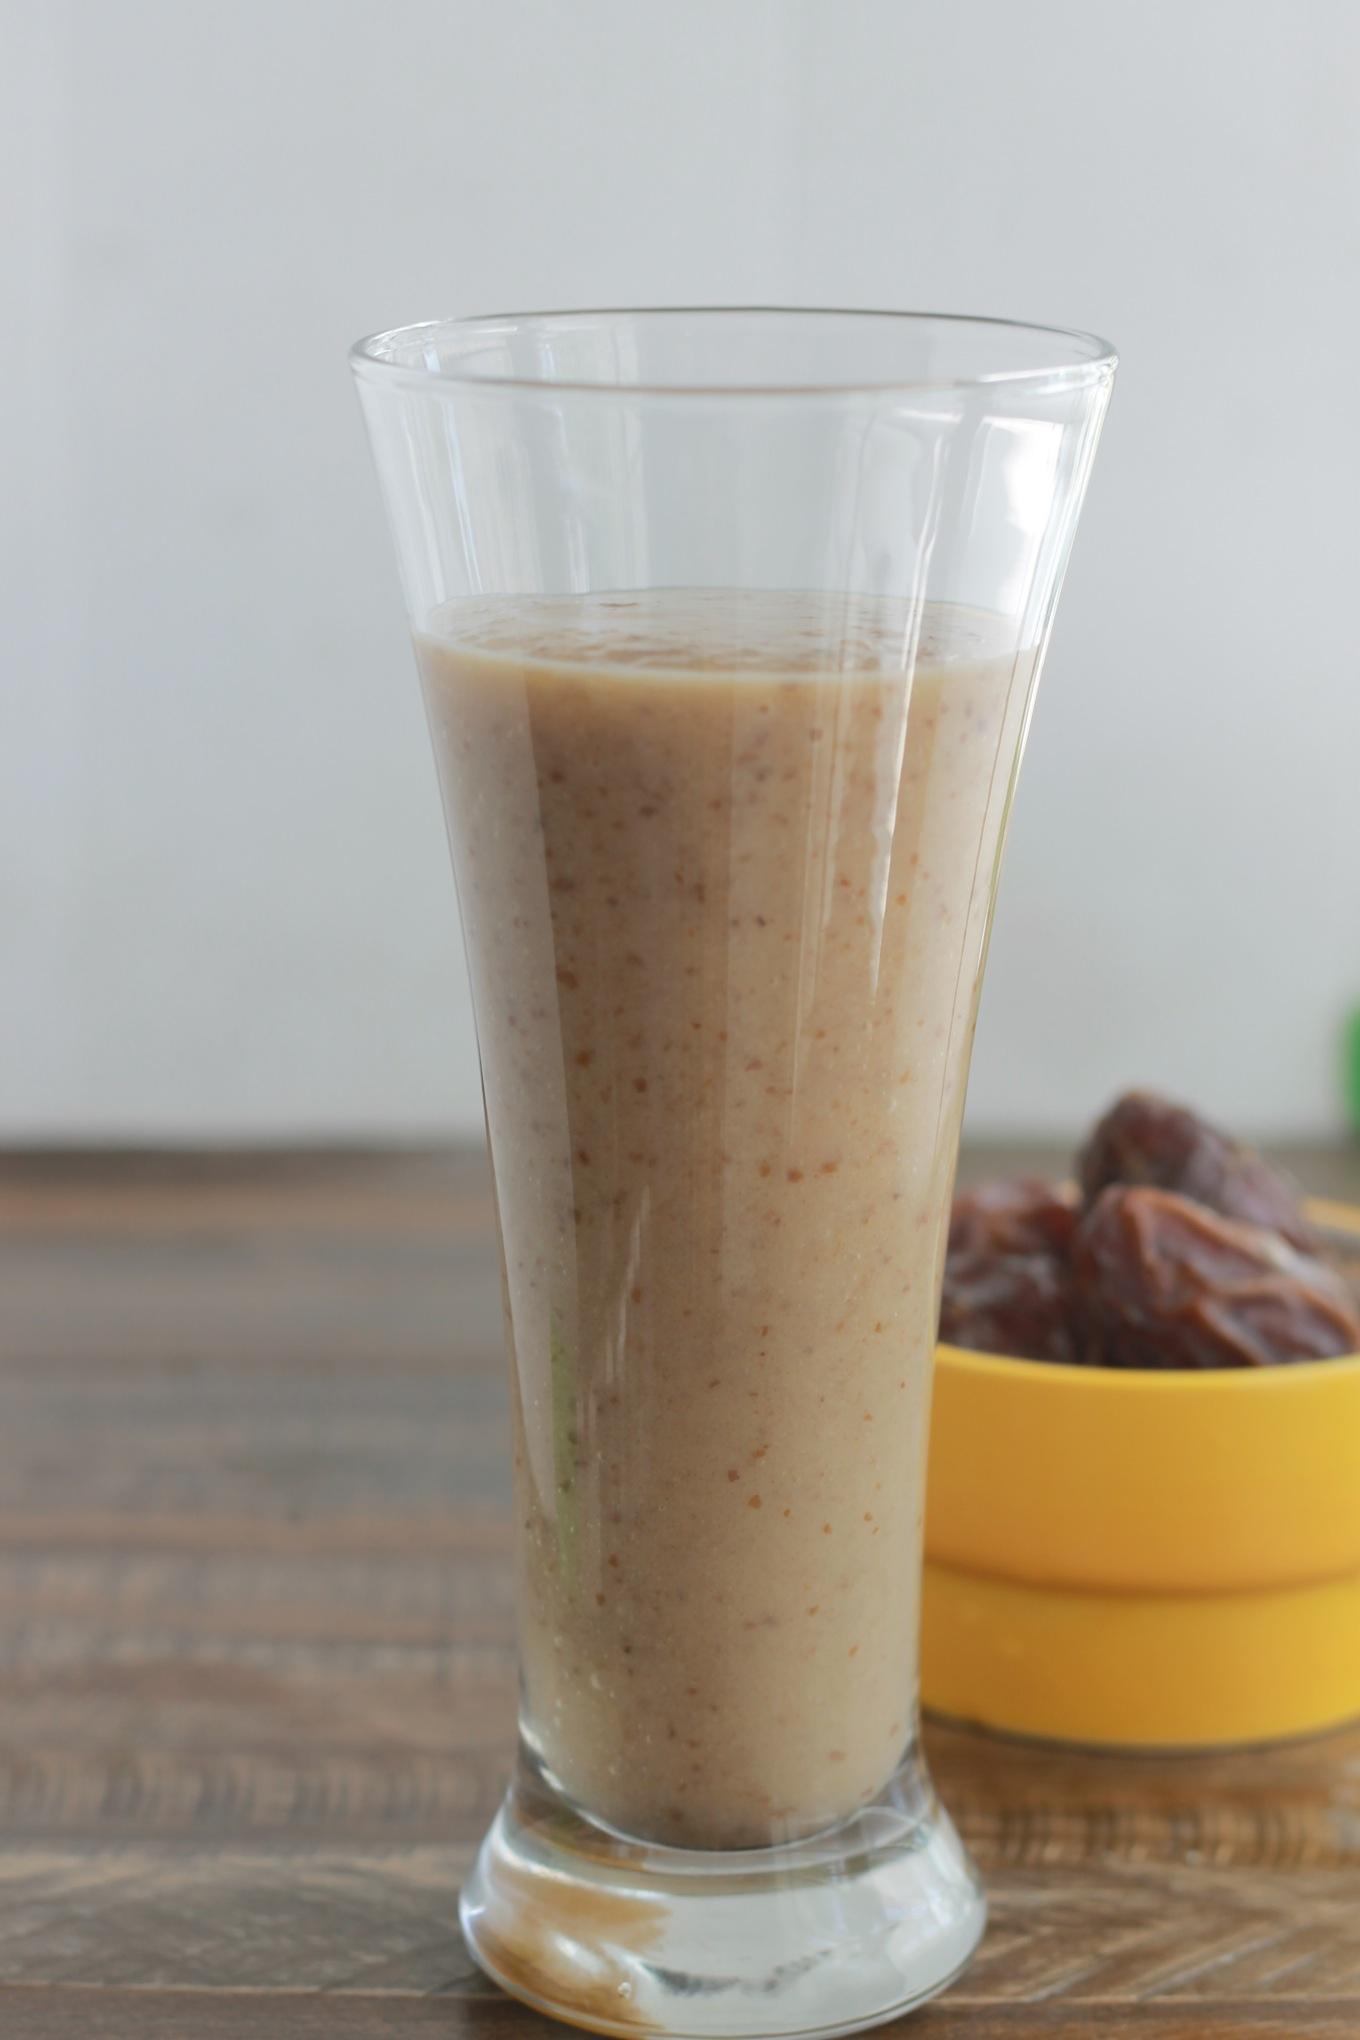 Délicieuse smoothie aux dattes et banane, rafraîchissante, nutritive et énergétique! Elle est agréablement parfumée à la vanille. Parfaite pour le petit déjeuner ou le goûter. | CuisineCulinaire.com